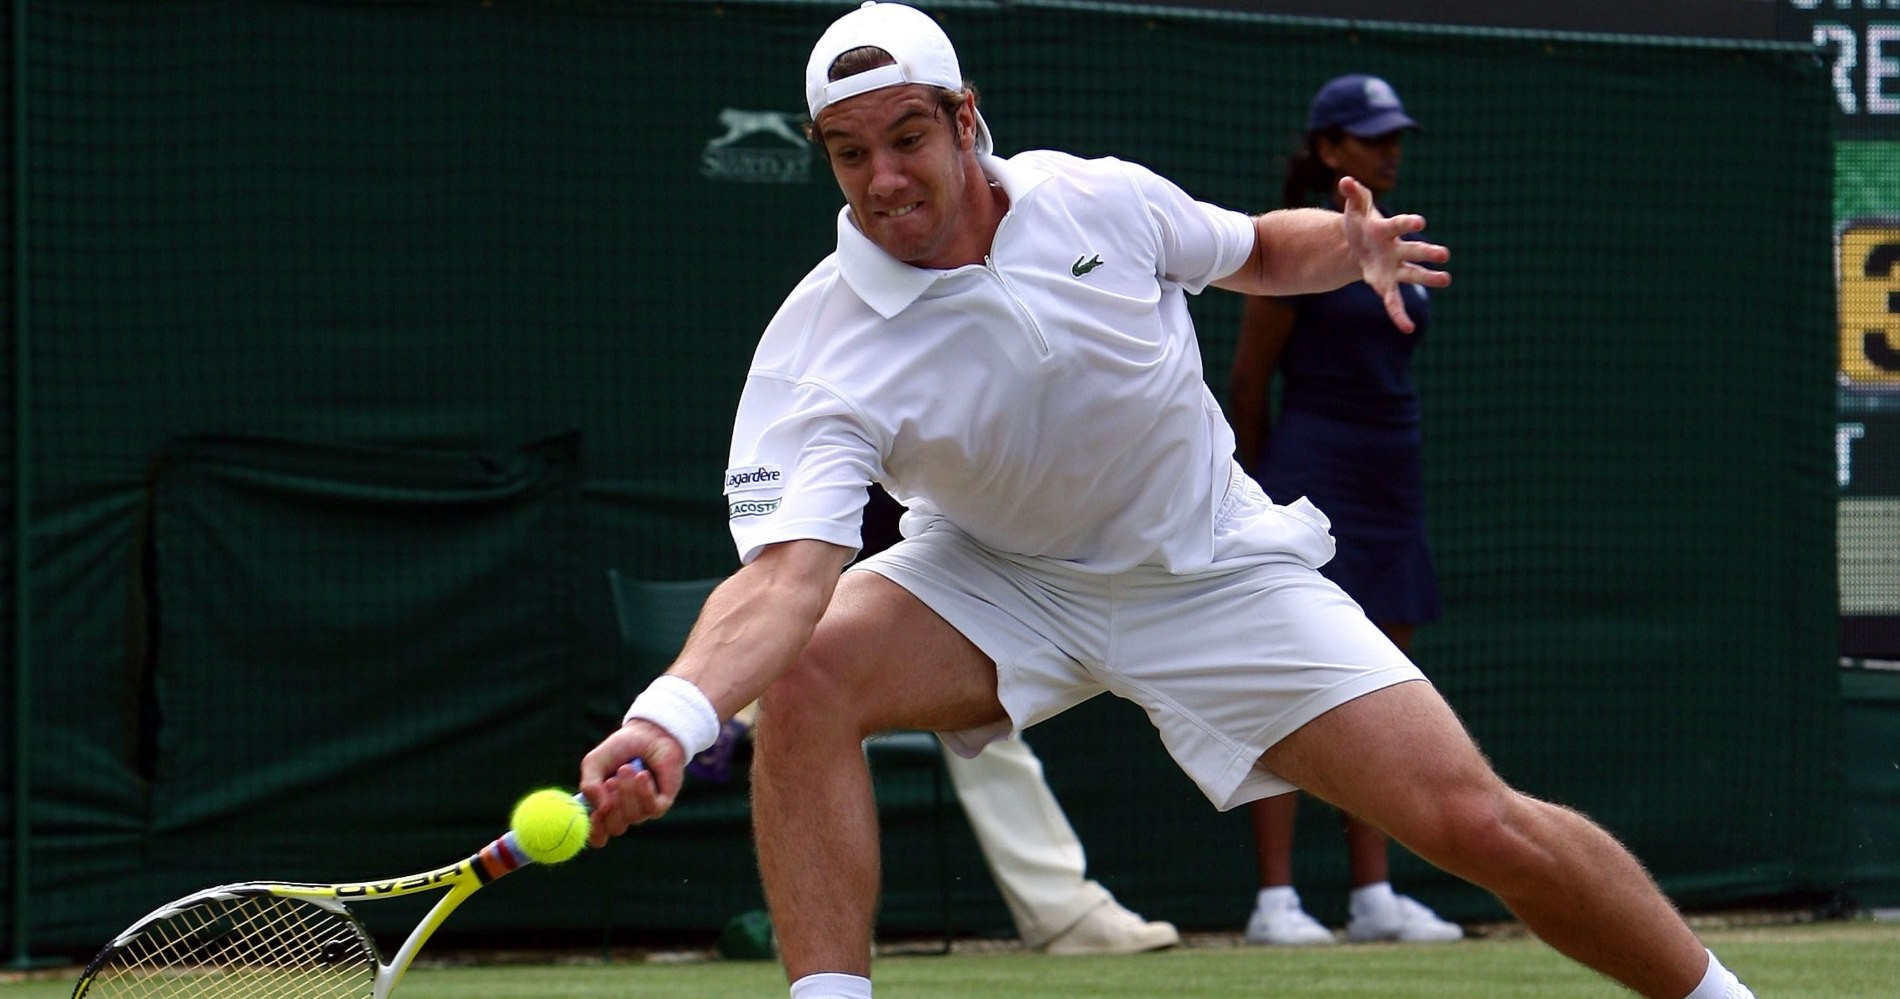 Richard Gasquet, Wimbledon 2007